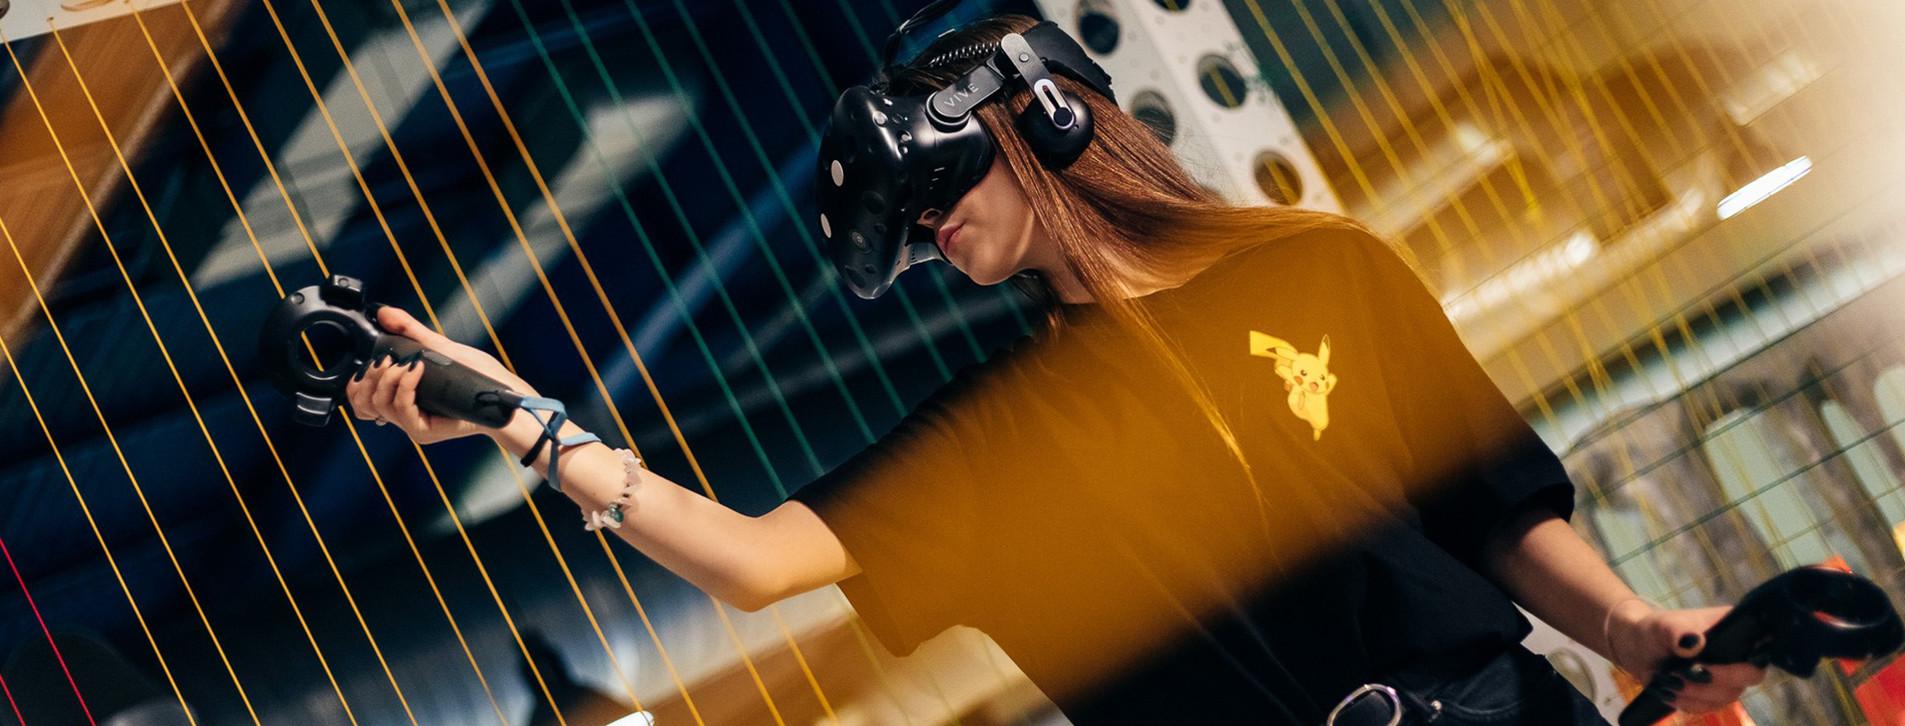 Фото - Погружение в мир VR-игр для компании